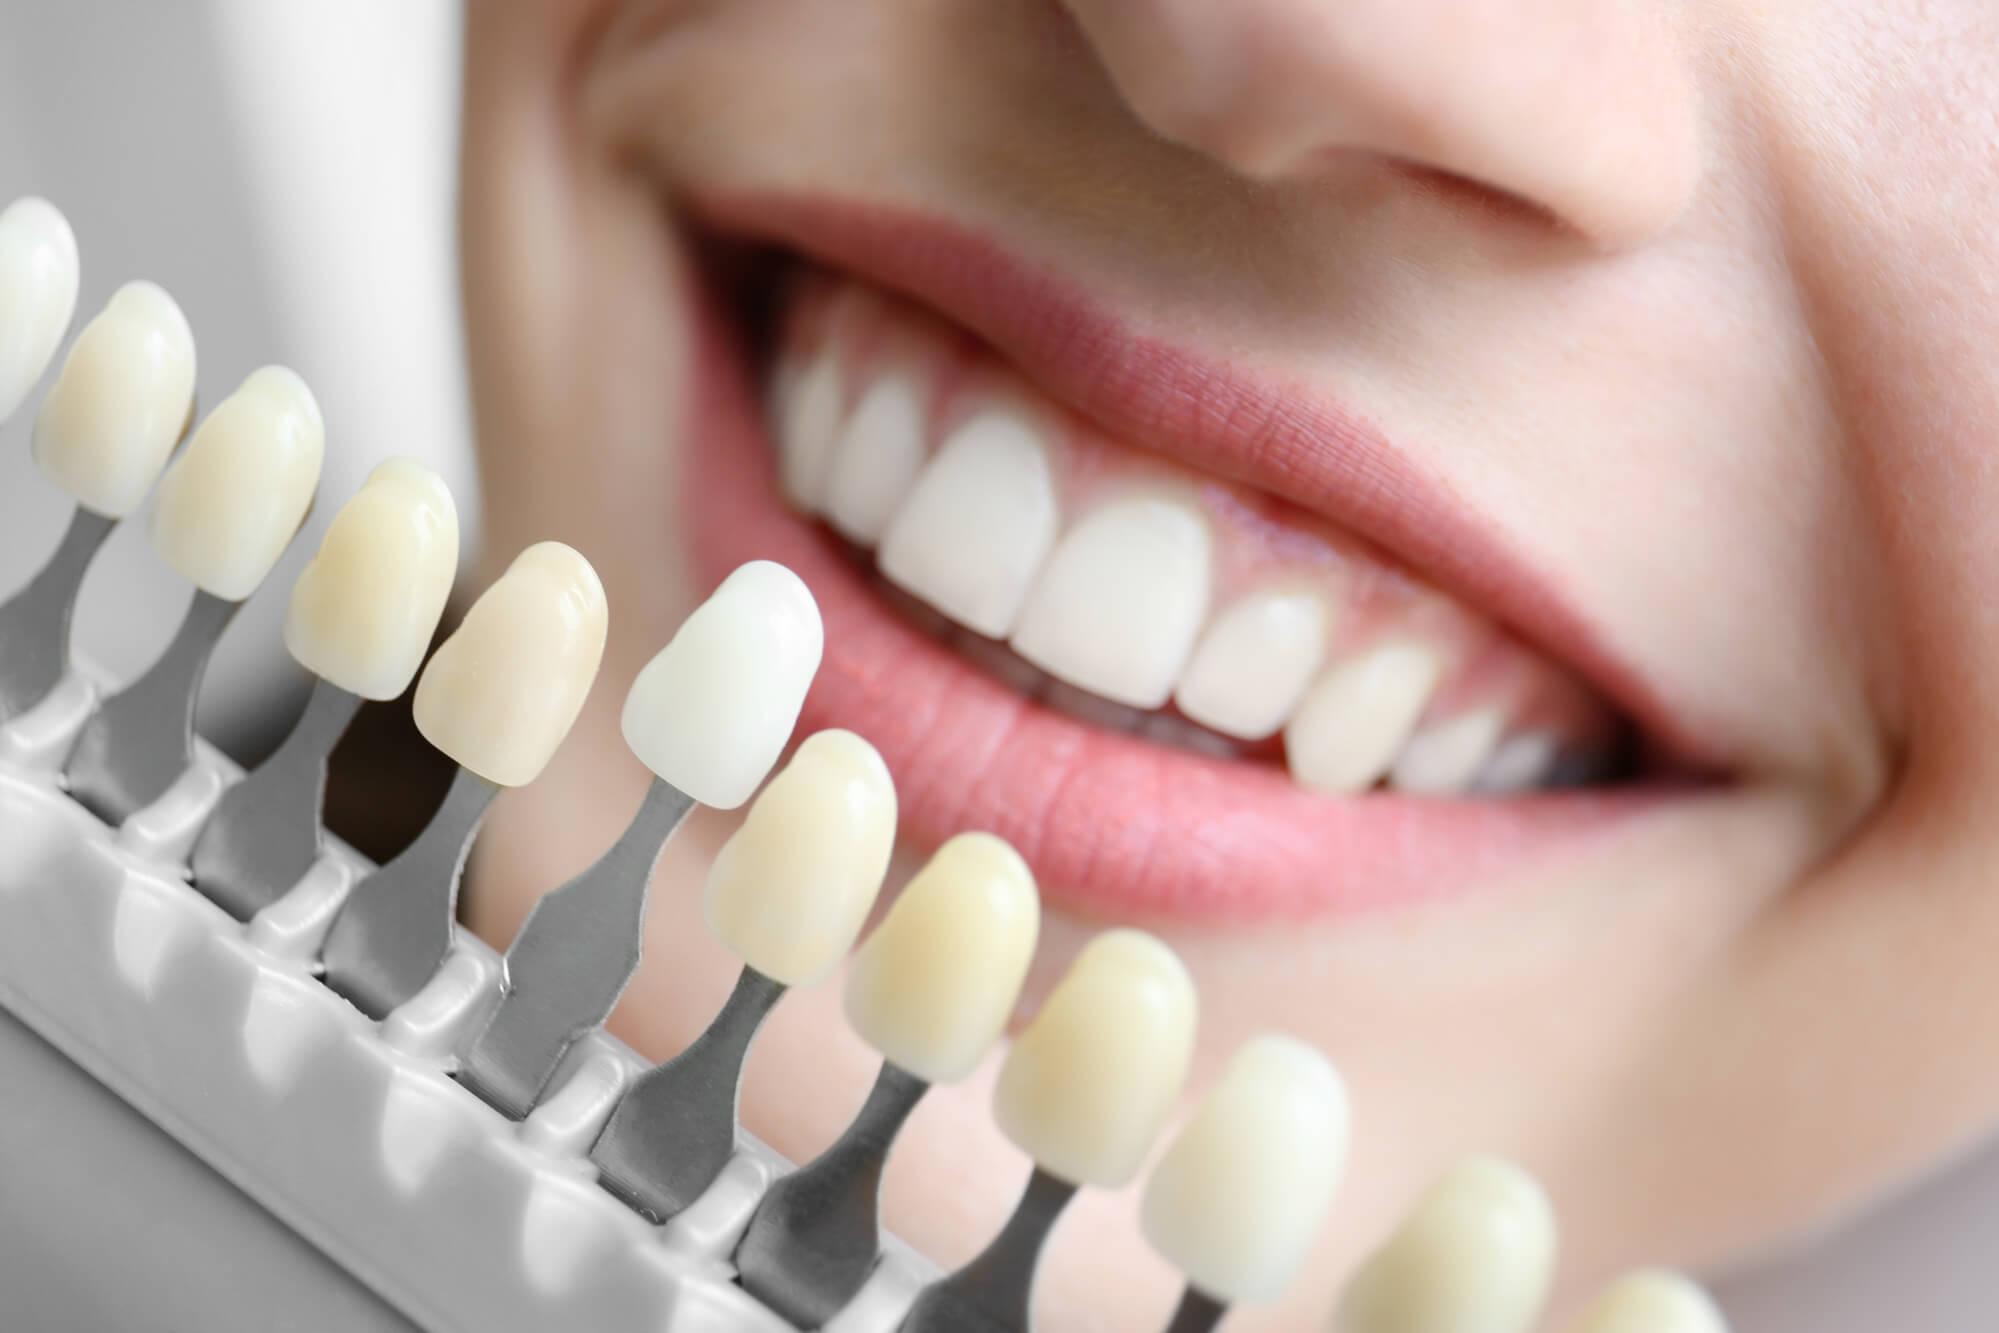 33d5b0a82 Lente de contato dental ou faceta dental